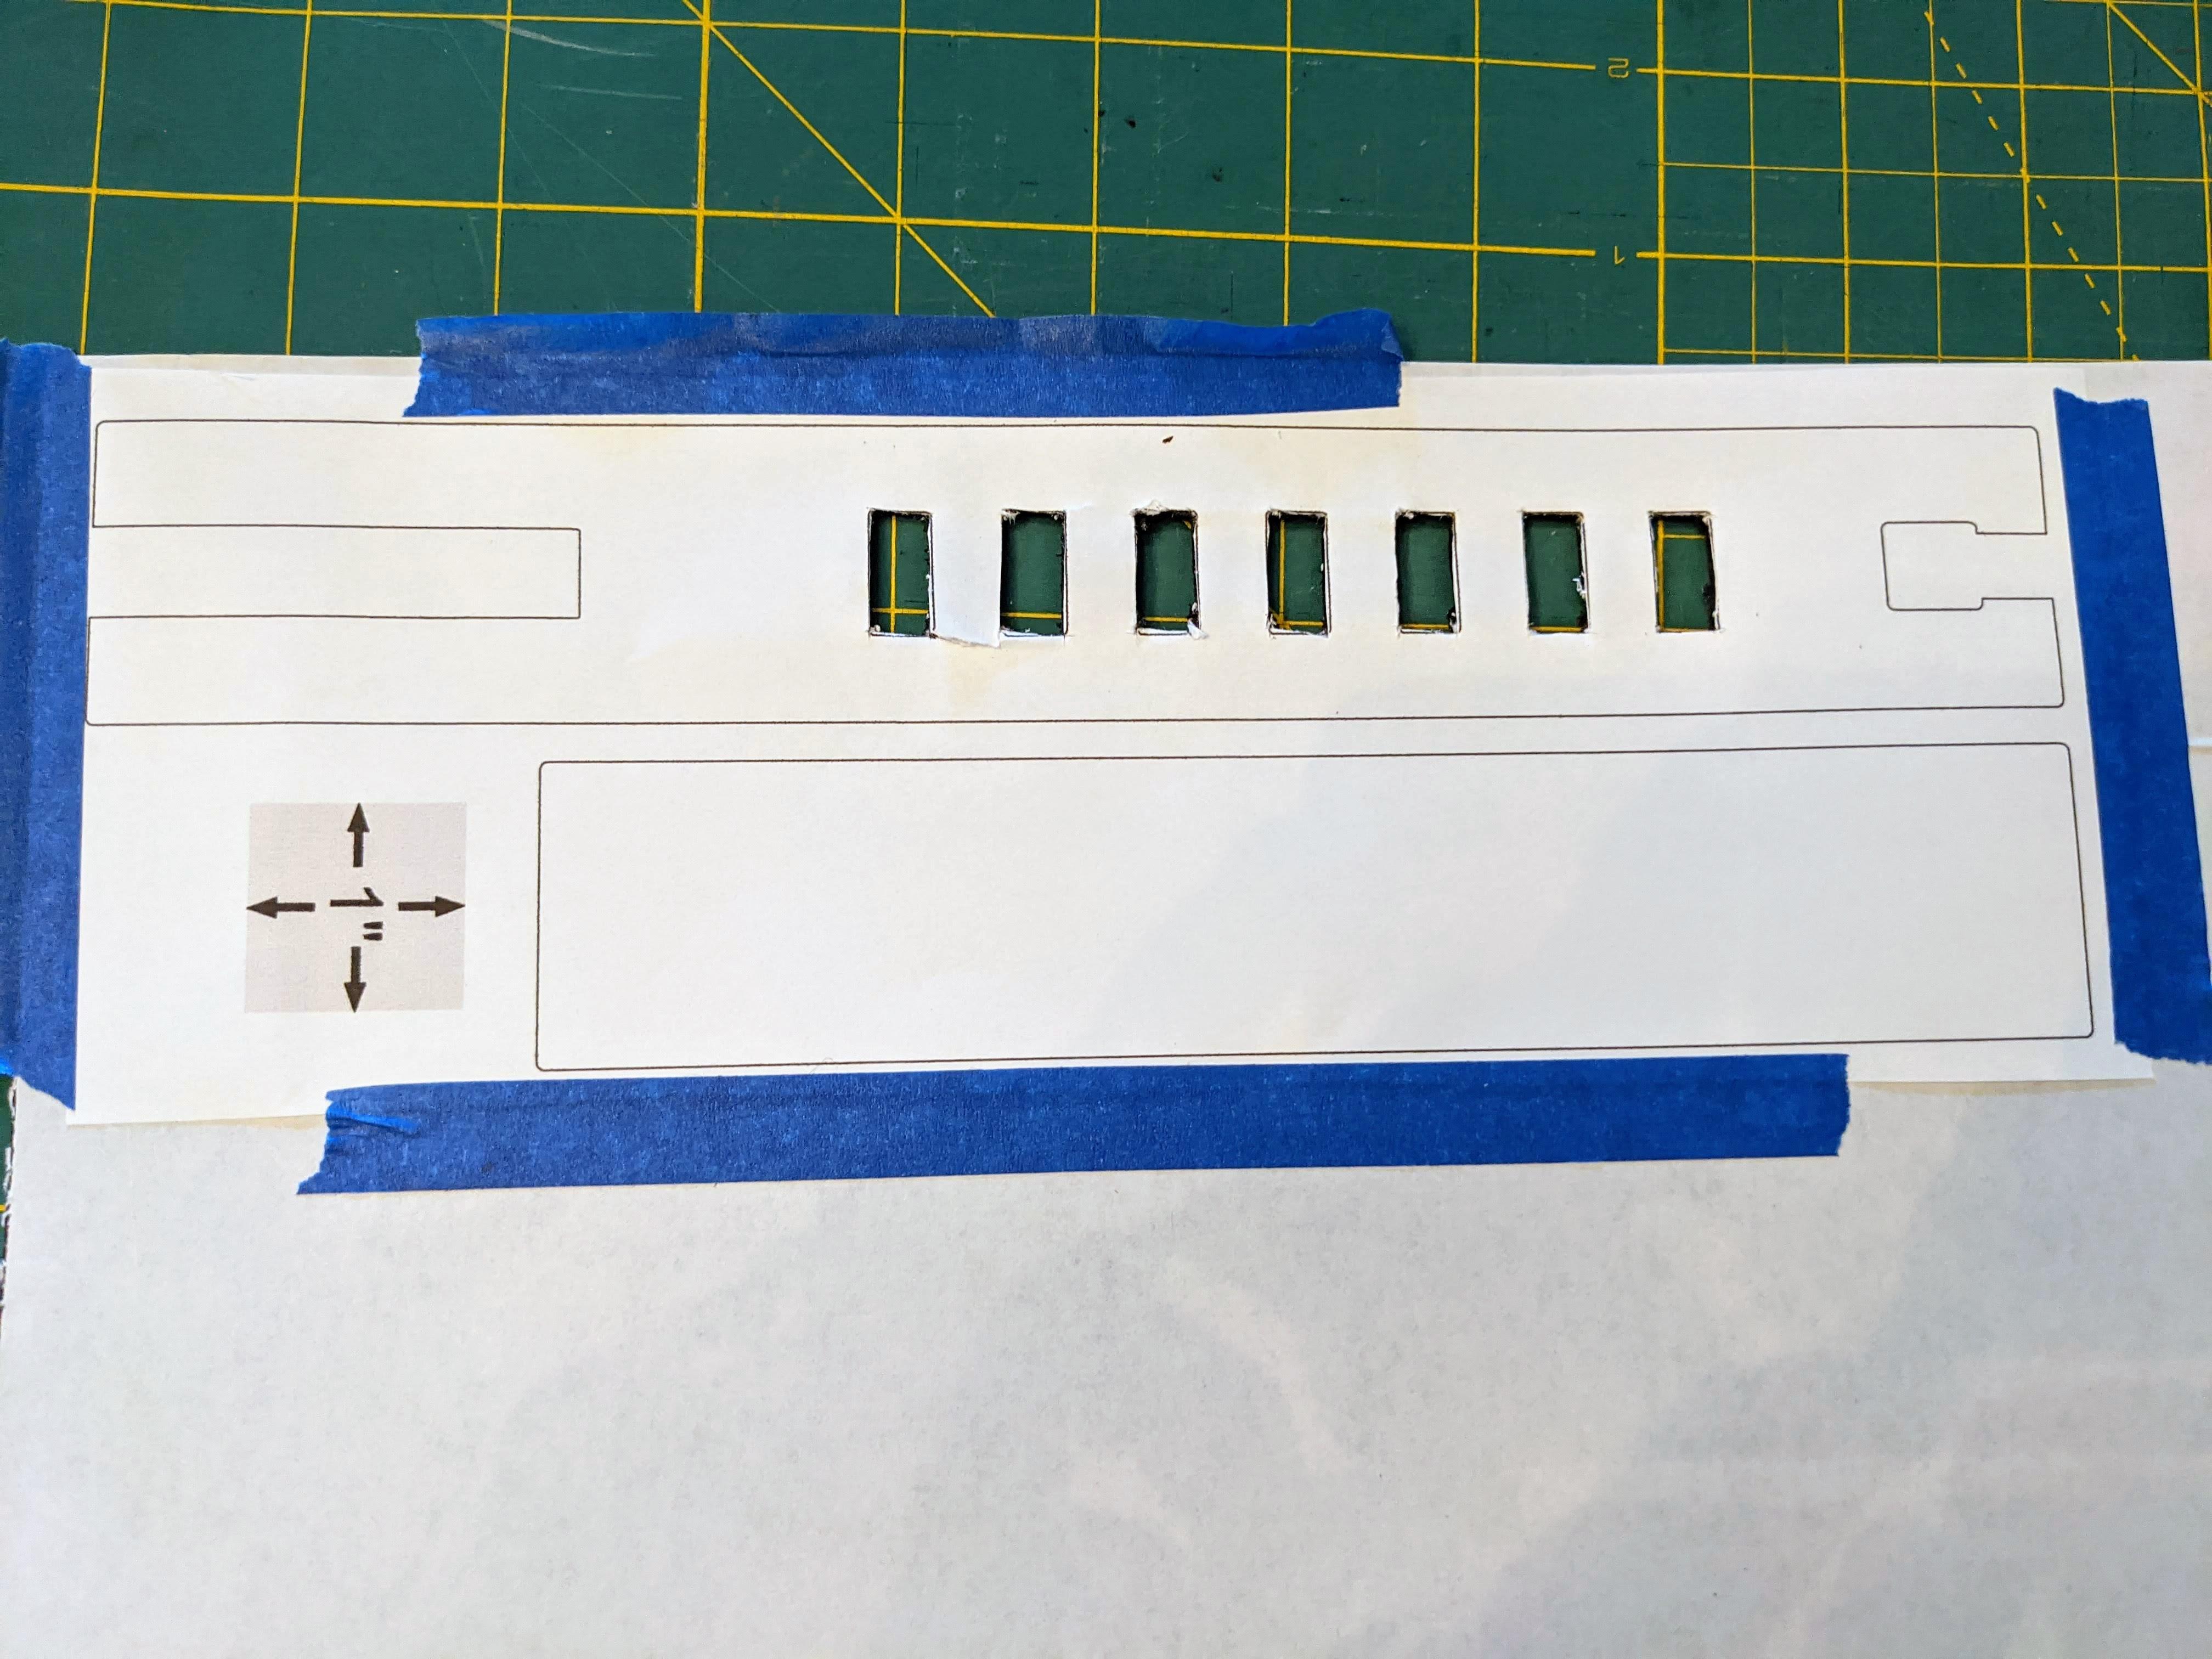 led_strips_PXL_20201012_210908090.jpg